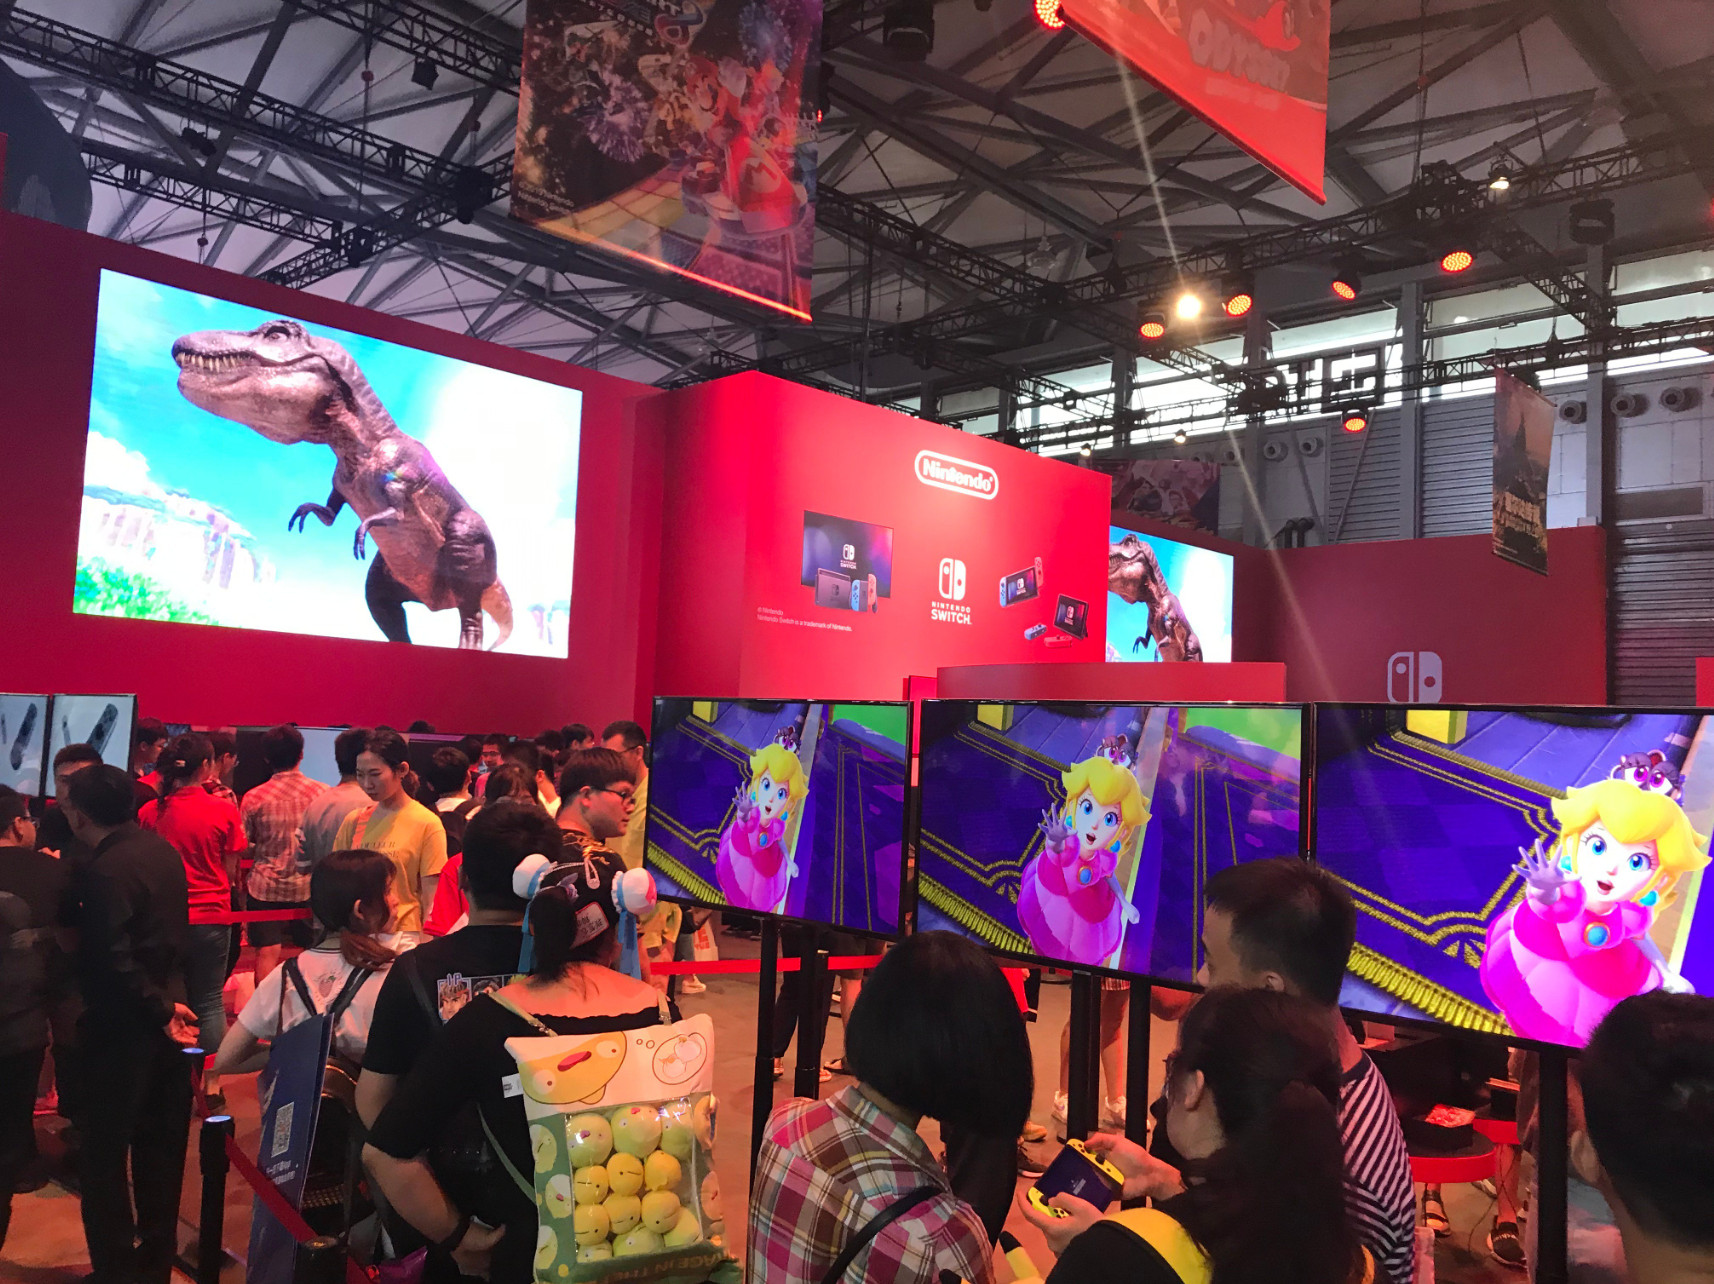 CJ 2019:任天堂展台现场玩家热情高昂 为了玩游戏排起了长队